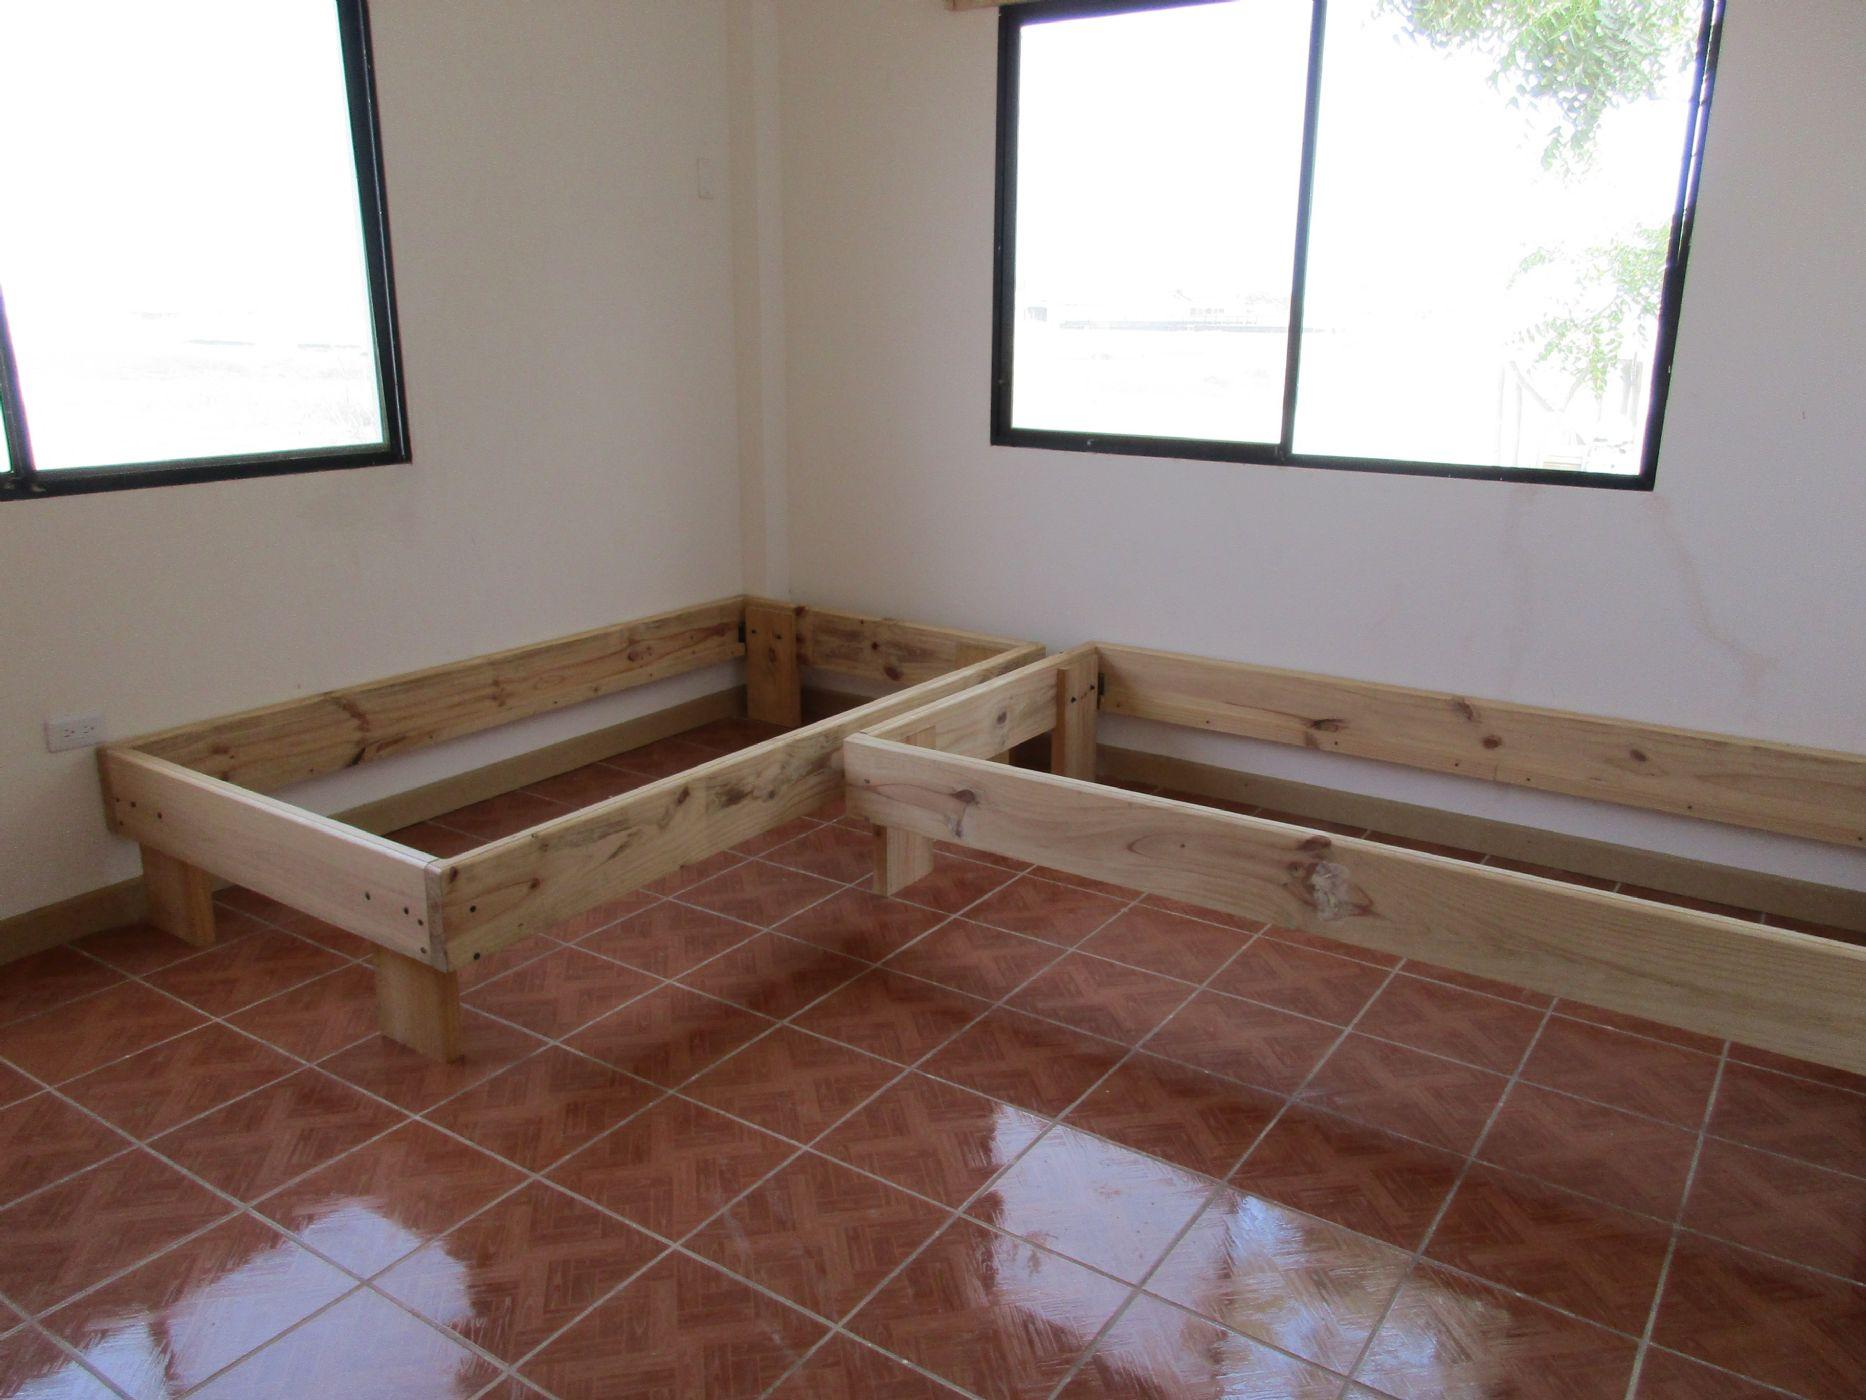 Anconcito-Ecuador-property-490819-11.JPG